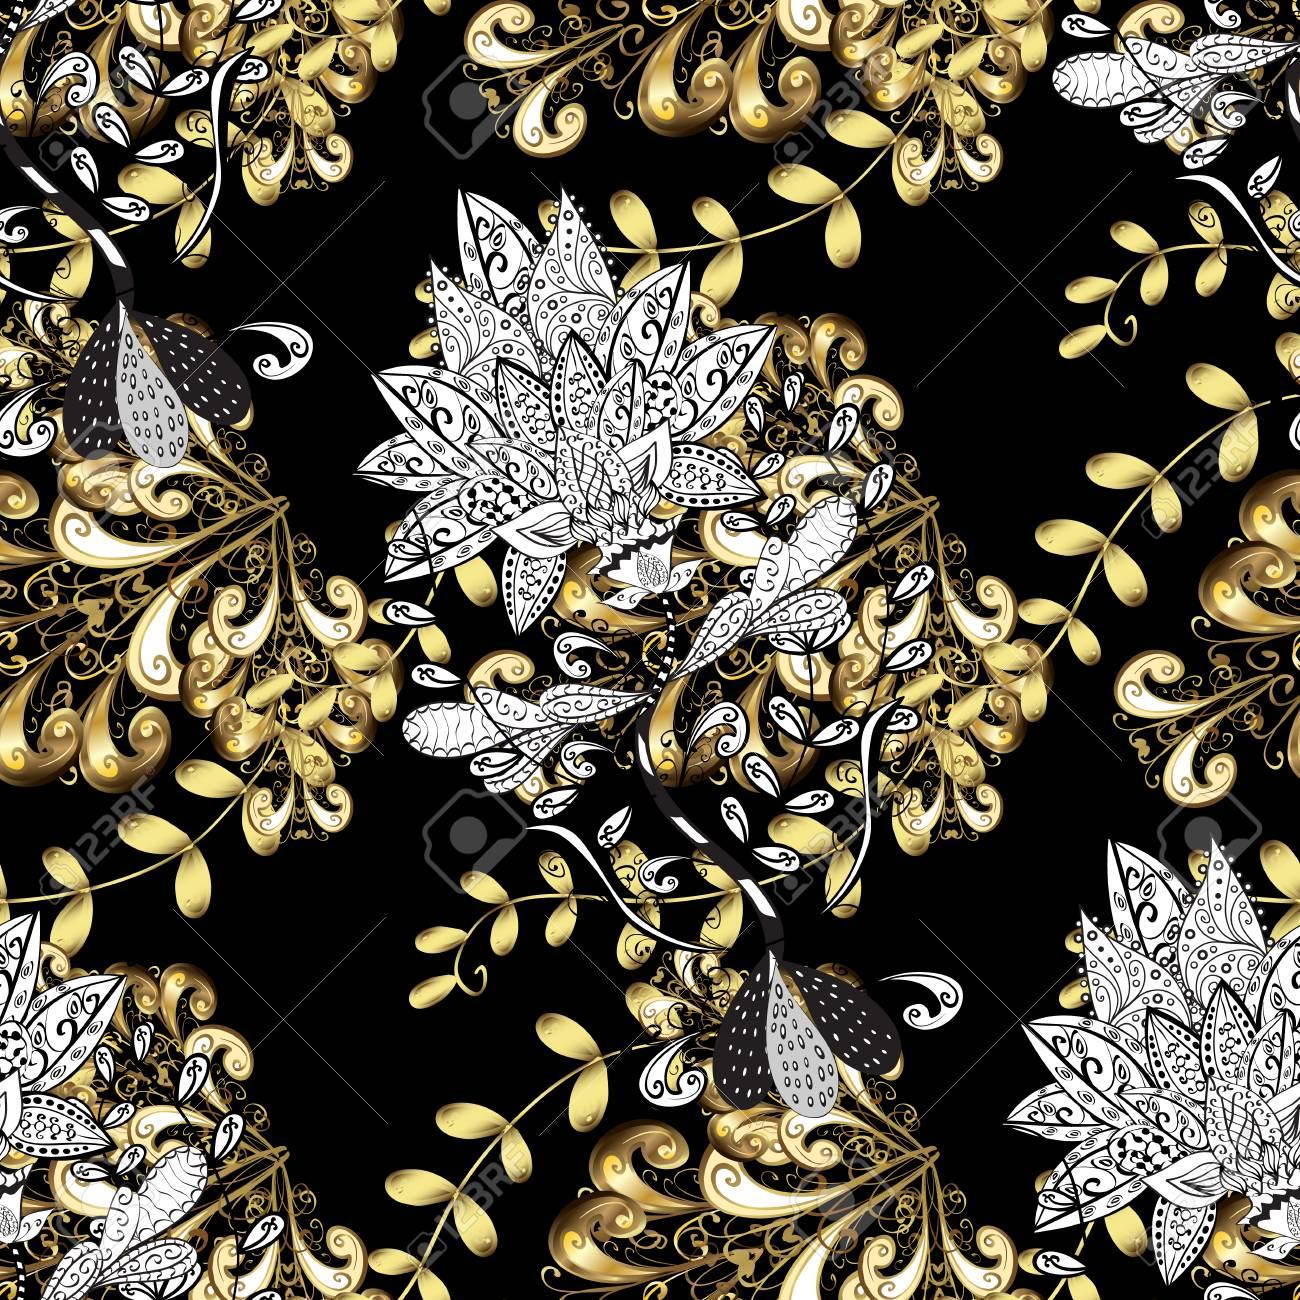 lement d or sur fond noir croquis d or sur fond de texture ornement floral noir or en style baroque fond d ecran repetitif en forme de motif